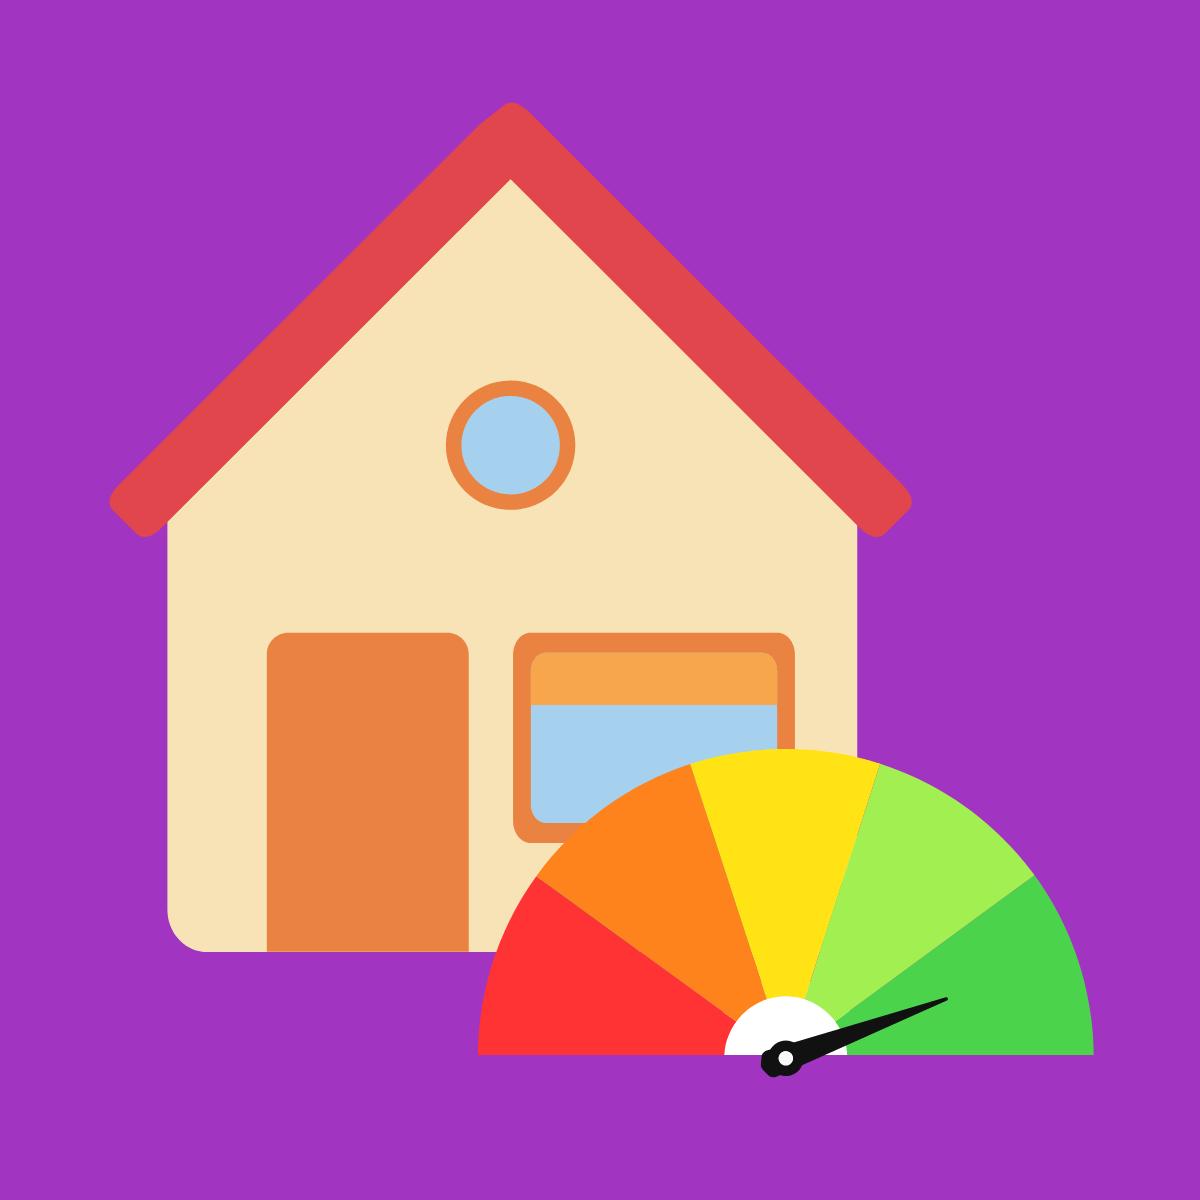 La cote de crédit minimale requise pour une approbation hypothécaire en 2021